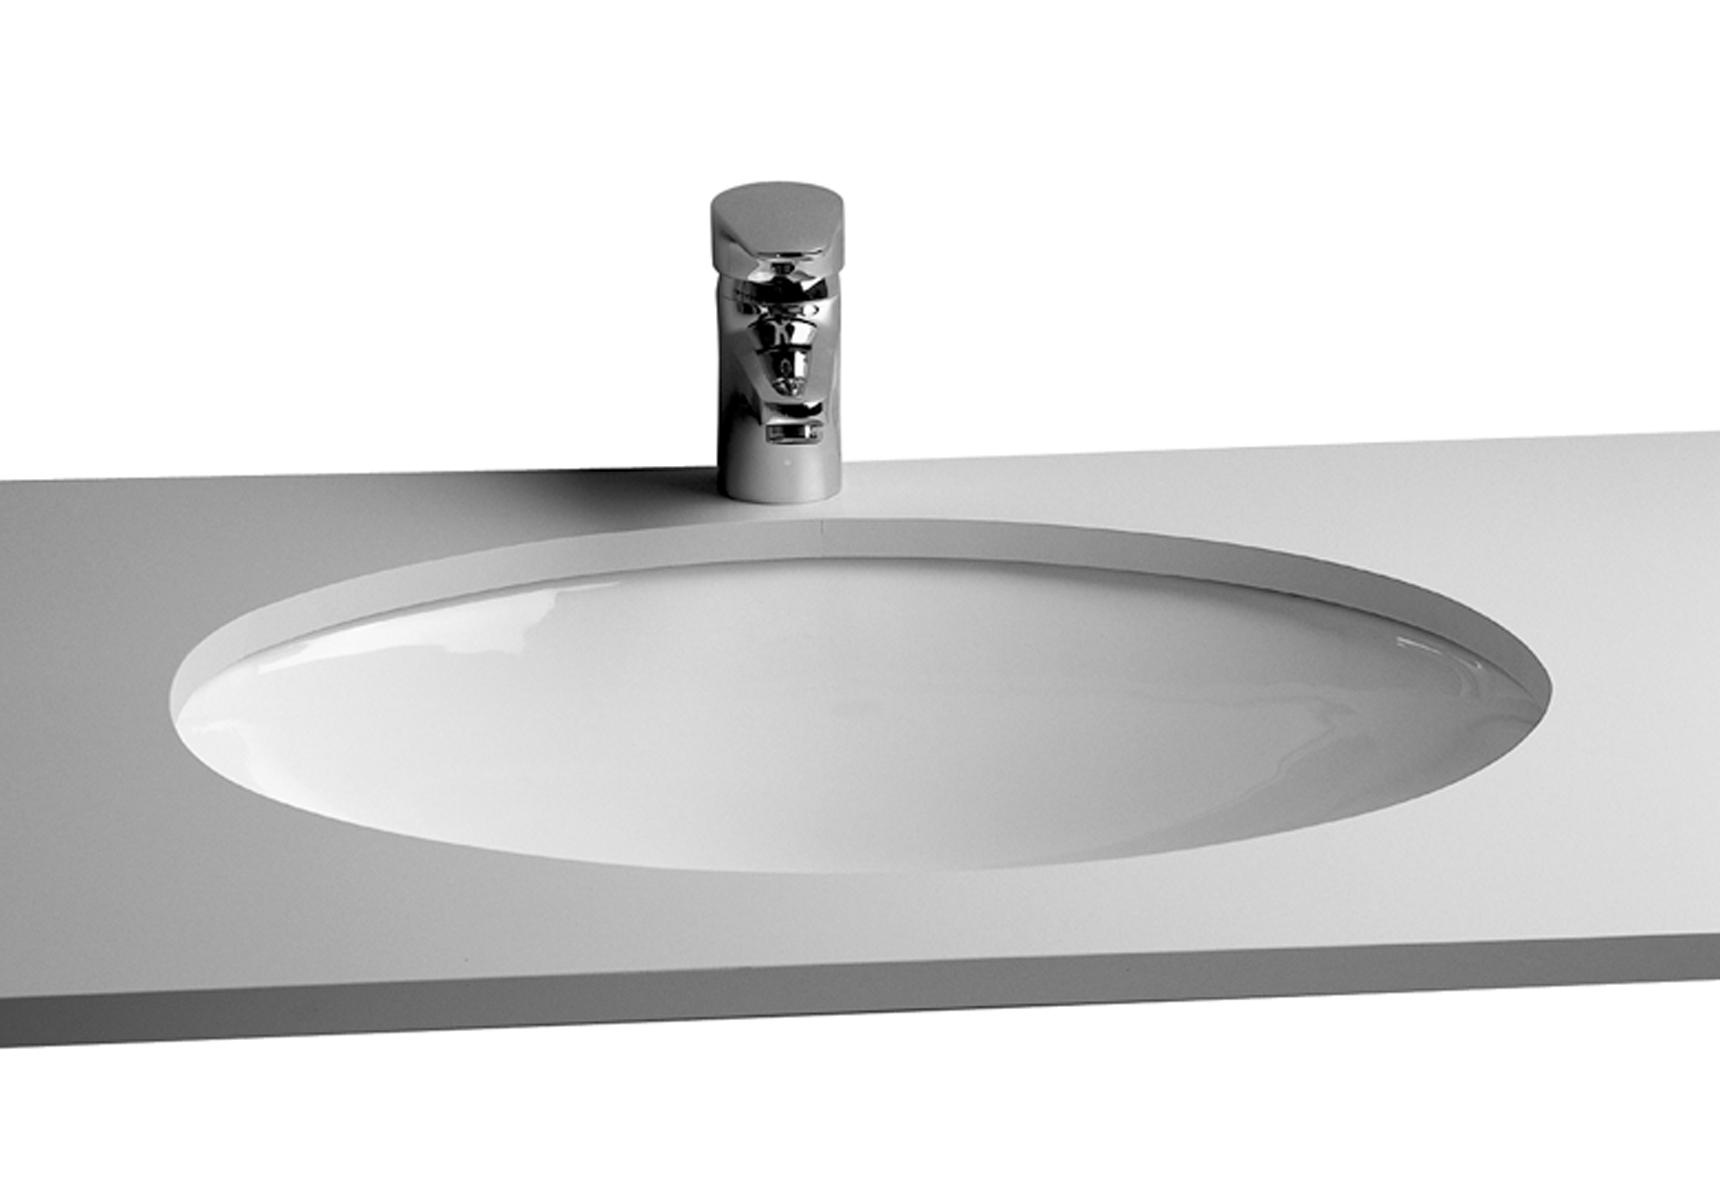 S20 vasque à encastrer par dessous, 52 cm, sans plage de robinetterie, avec trop-plein